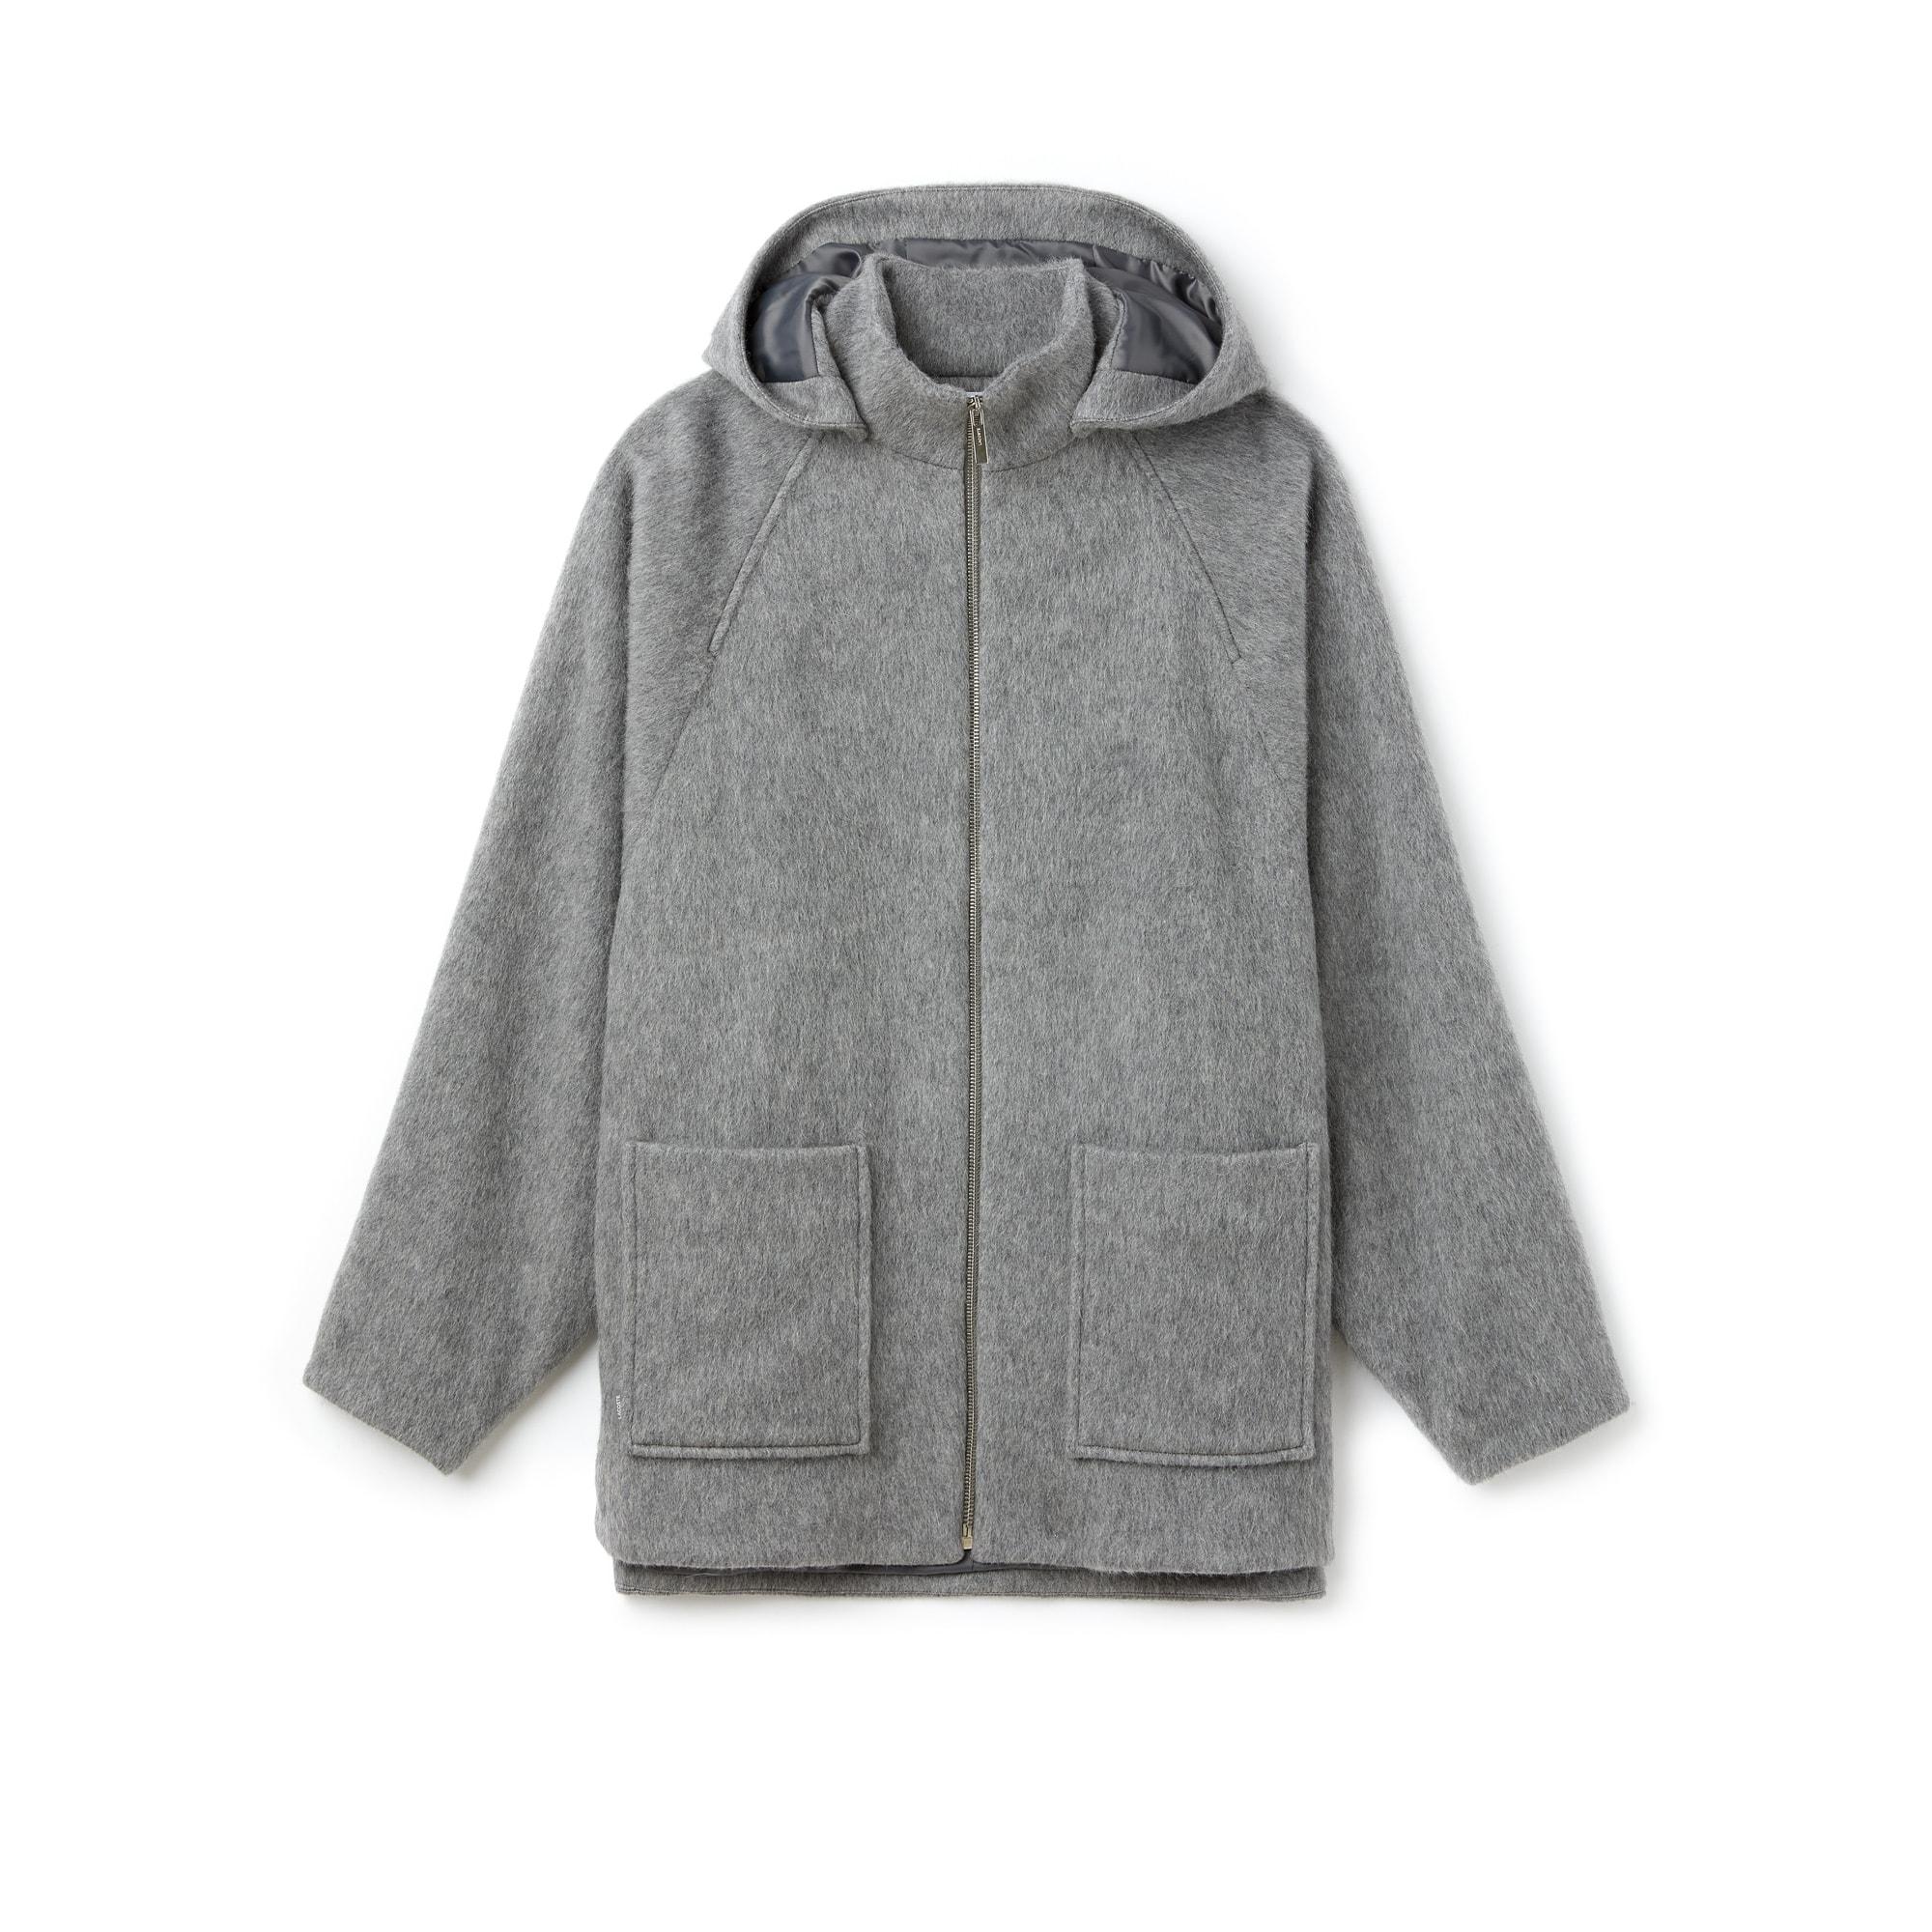 라코스테 울 후드 반코트 Lacoste Womens Wool And Mohair Broadcloth Short Coat,STONE GREY